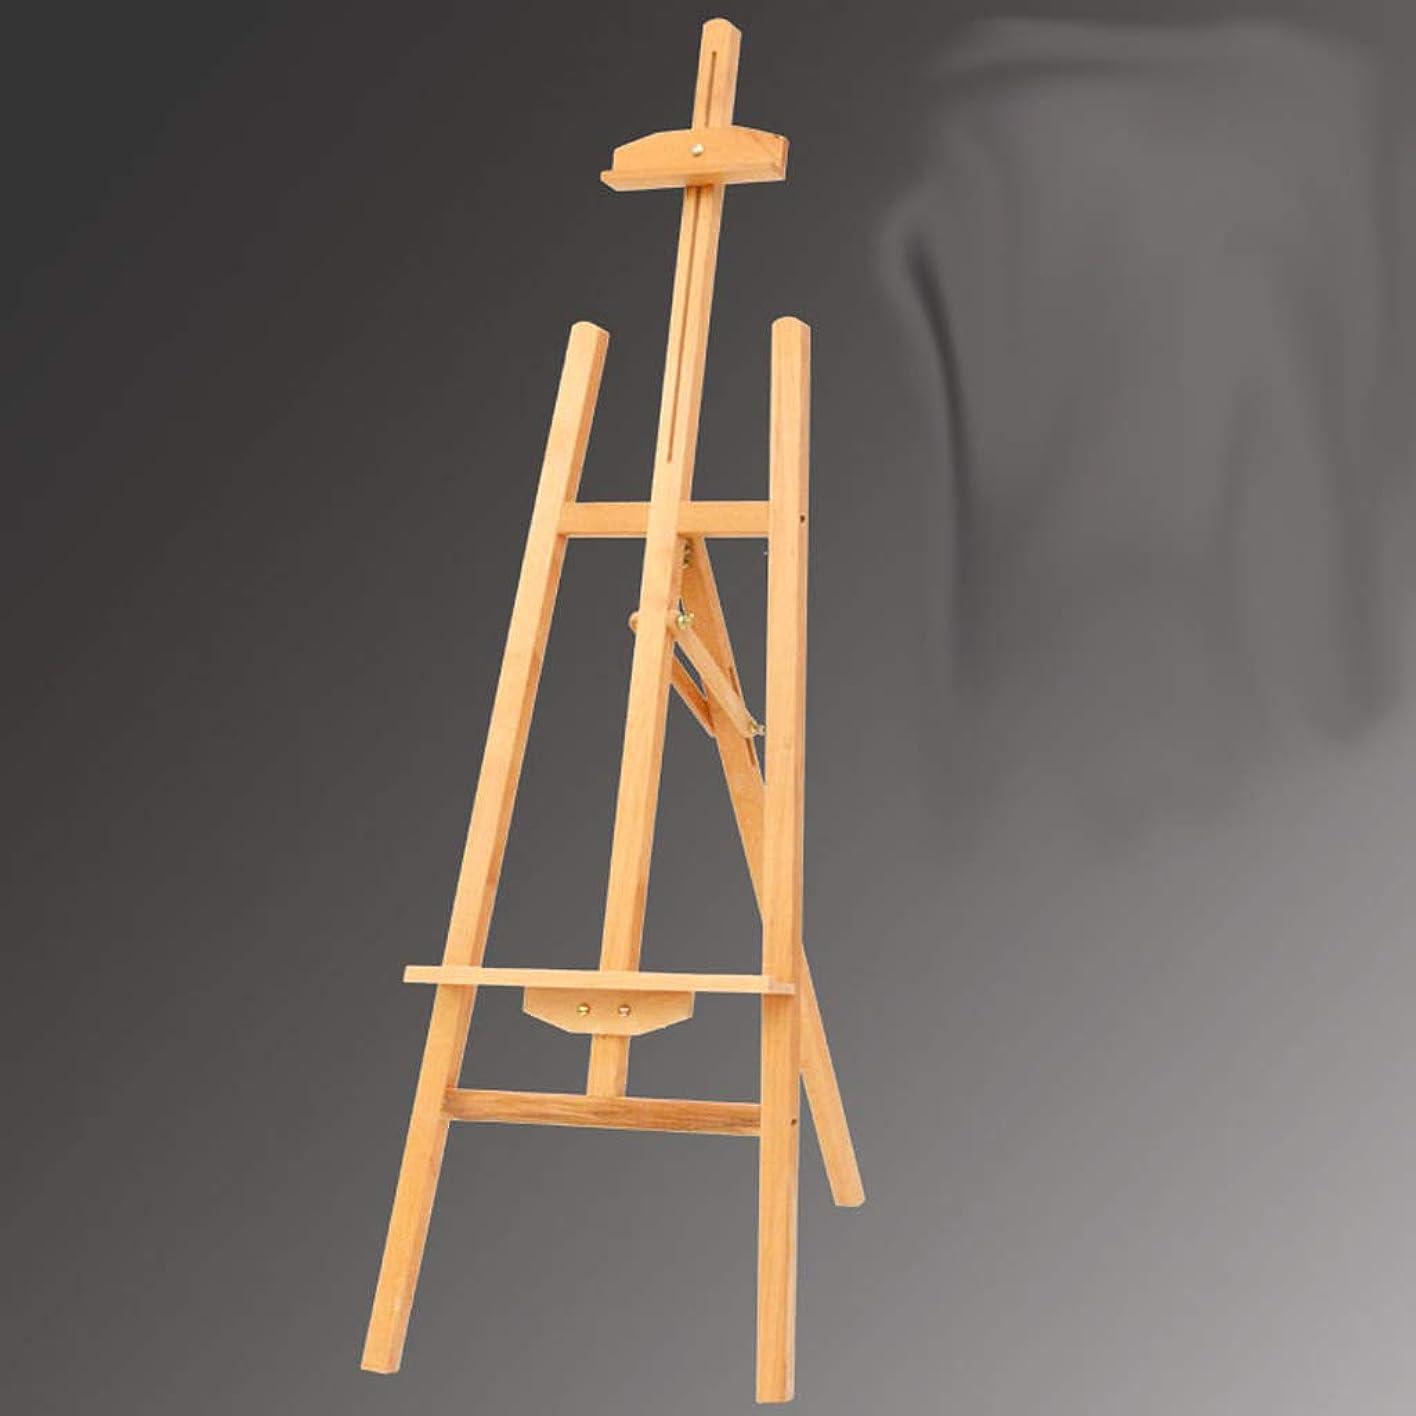 置換基本的な微妙折りたたみ多機能ブラケットイーゼル、子供の大人の油絵スケッチ、53 * 150 cm GHMOZ